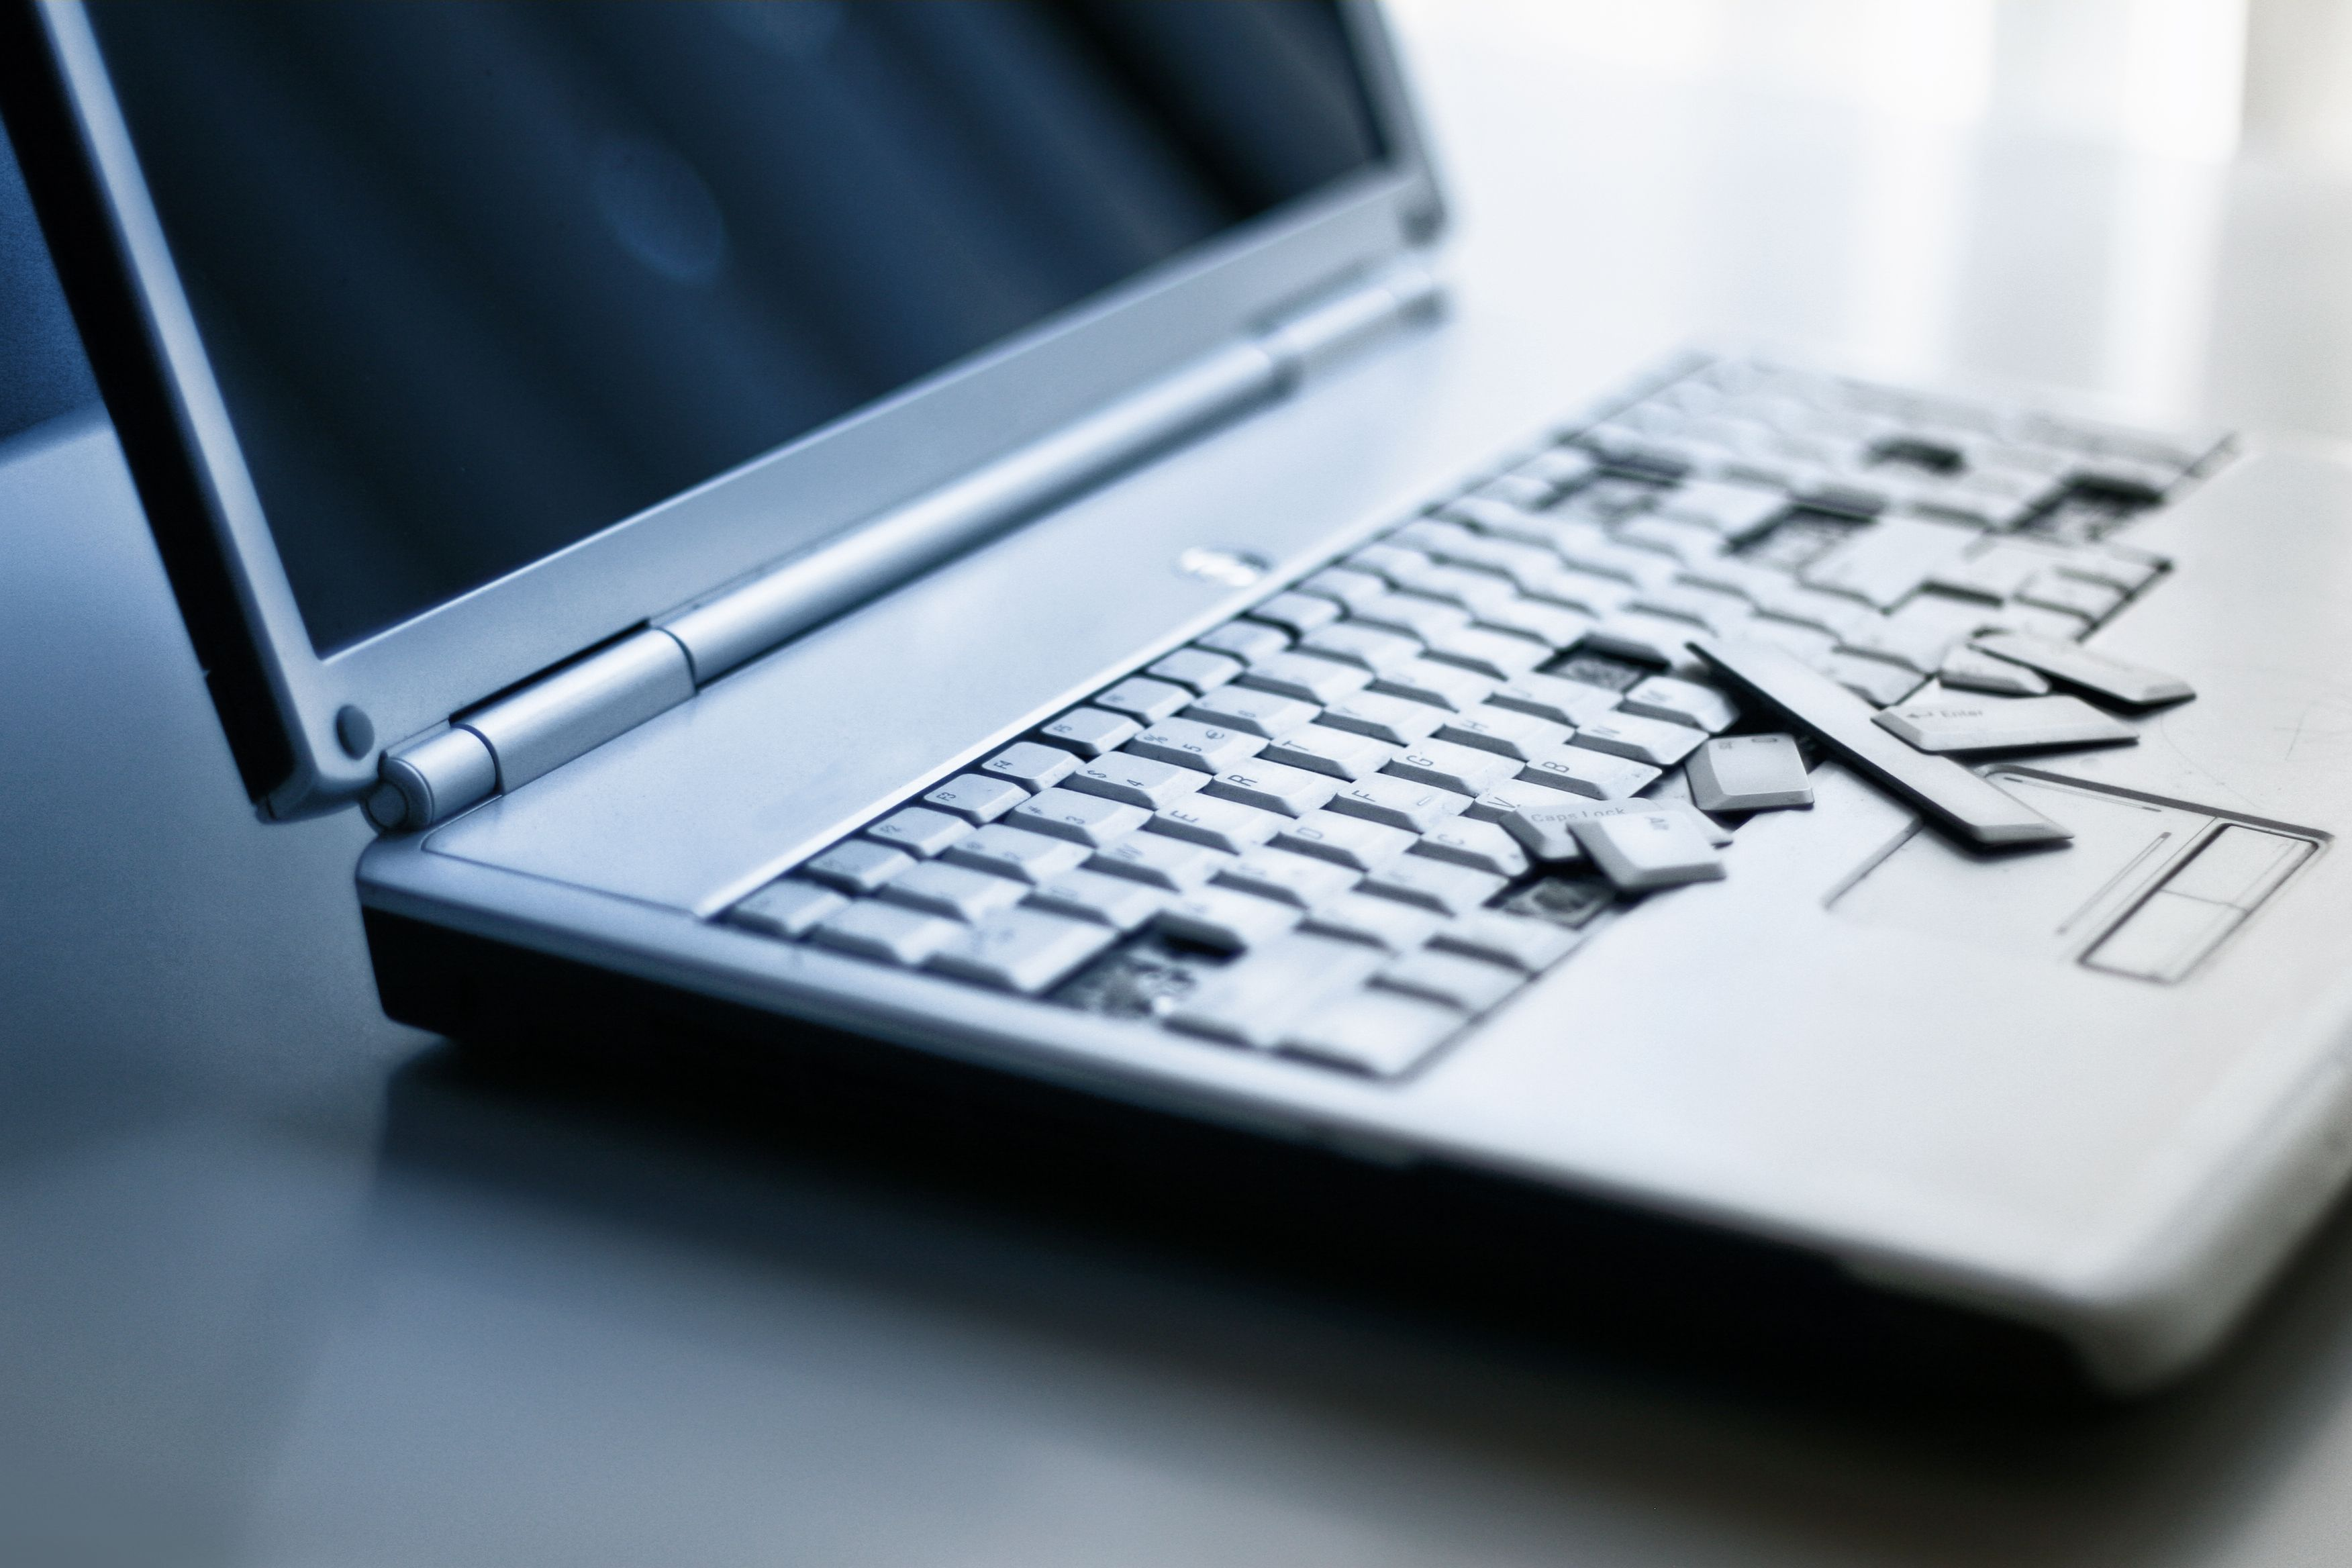 Reparación de teclados y pantallas: Servicios especializados de Informática Ecoservei